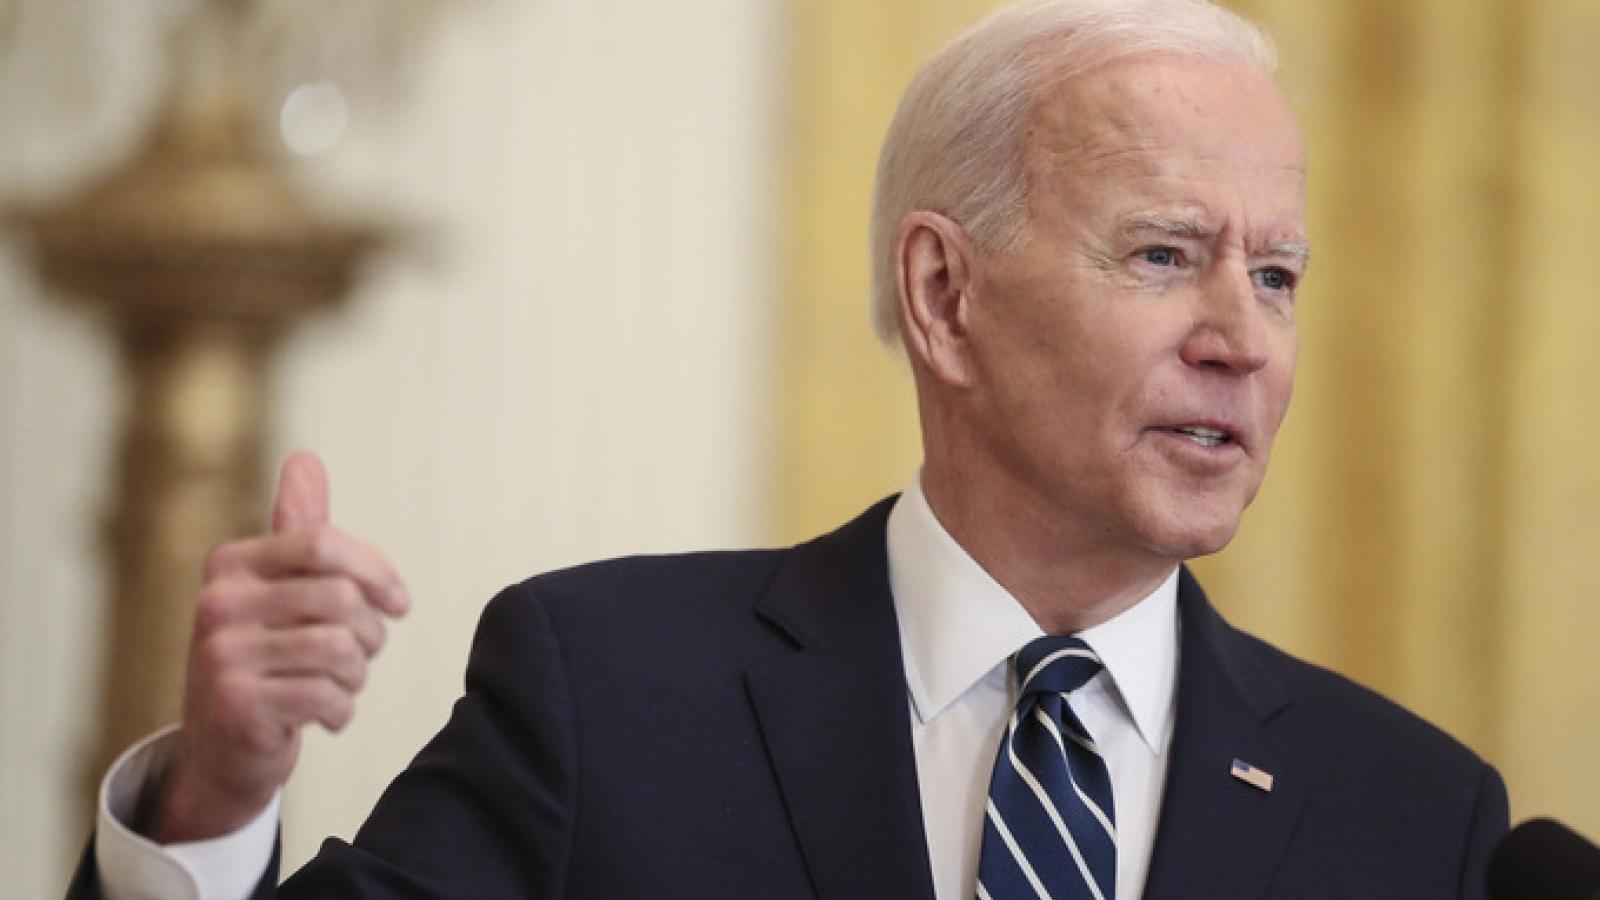 Triều Tiên là mối quan tâm hàng đầu trong chính sách đối ngoại của Tổng thống Mỹ Biden